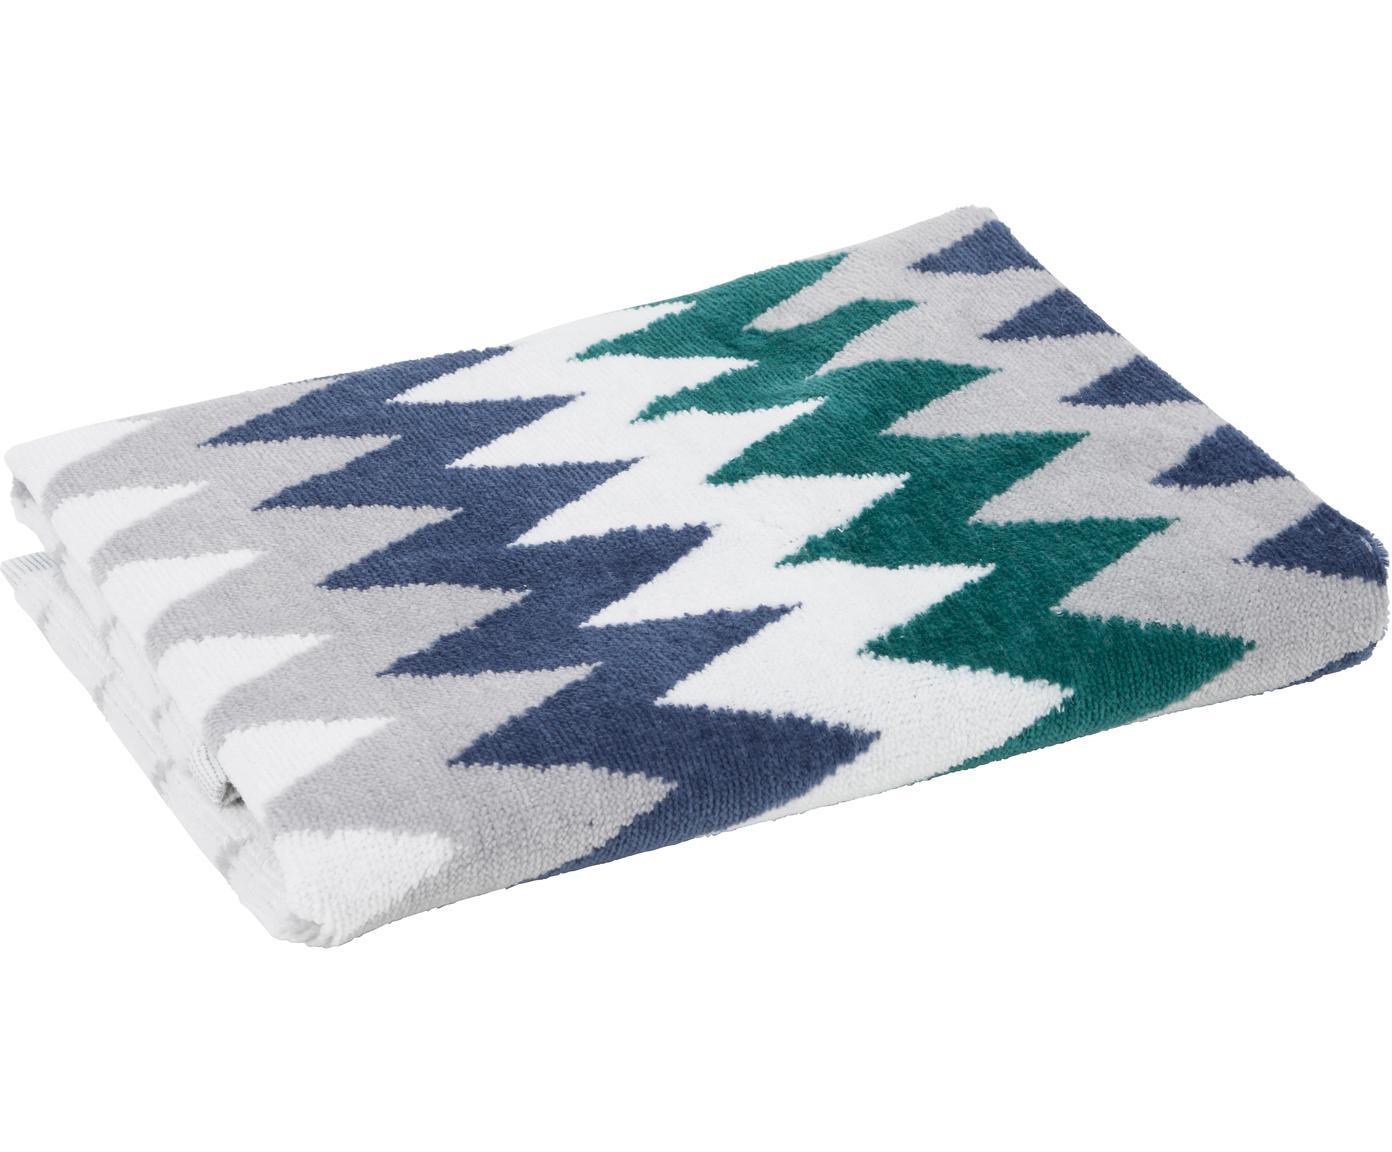 Handtuch Hanneke mit Zickzack-Muster, 100% Baumwolle, Blau, Grau, Weiß, Grün, Gästehandtuch